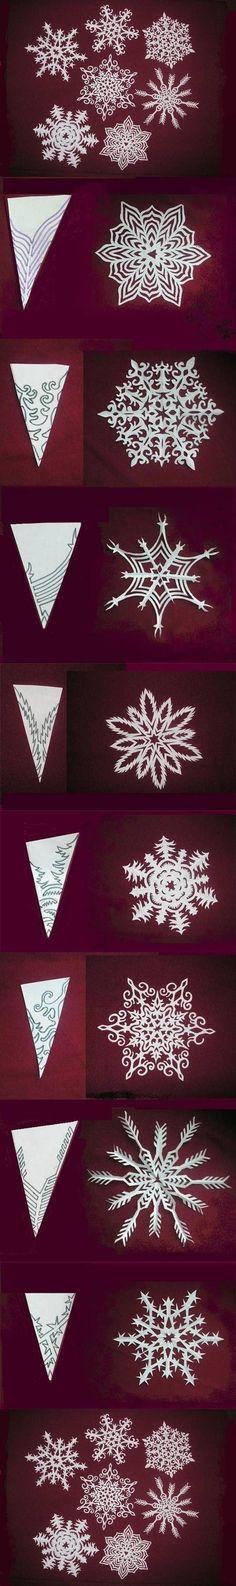 DIY Snowflakes Paper Pattern Tutorial